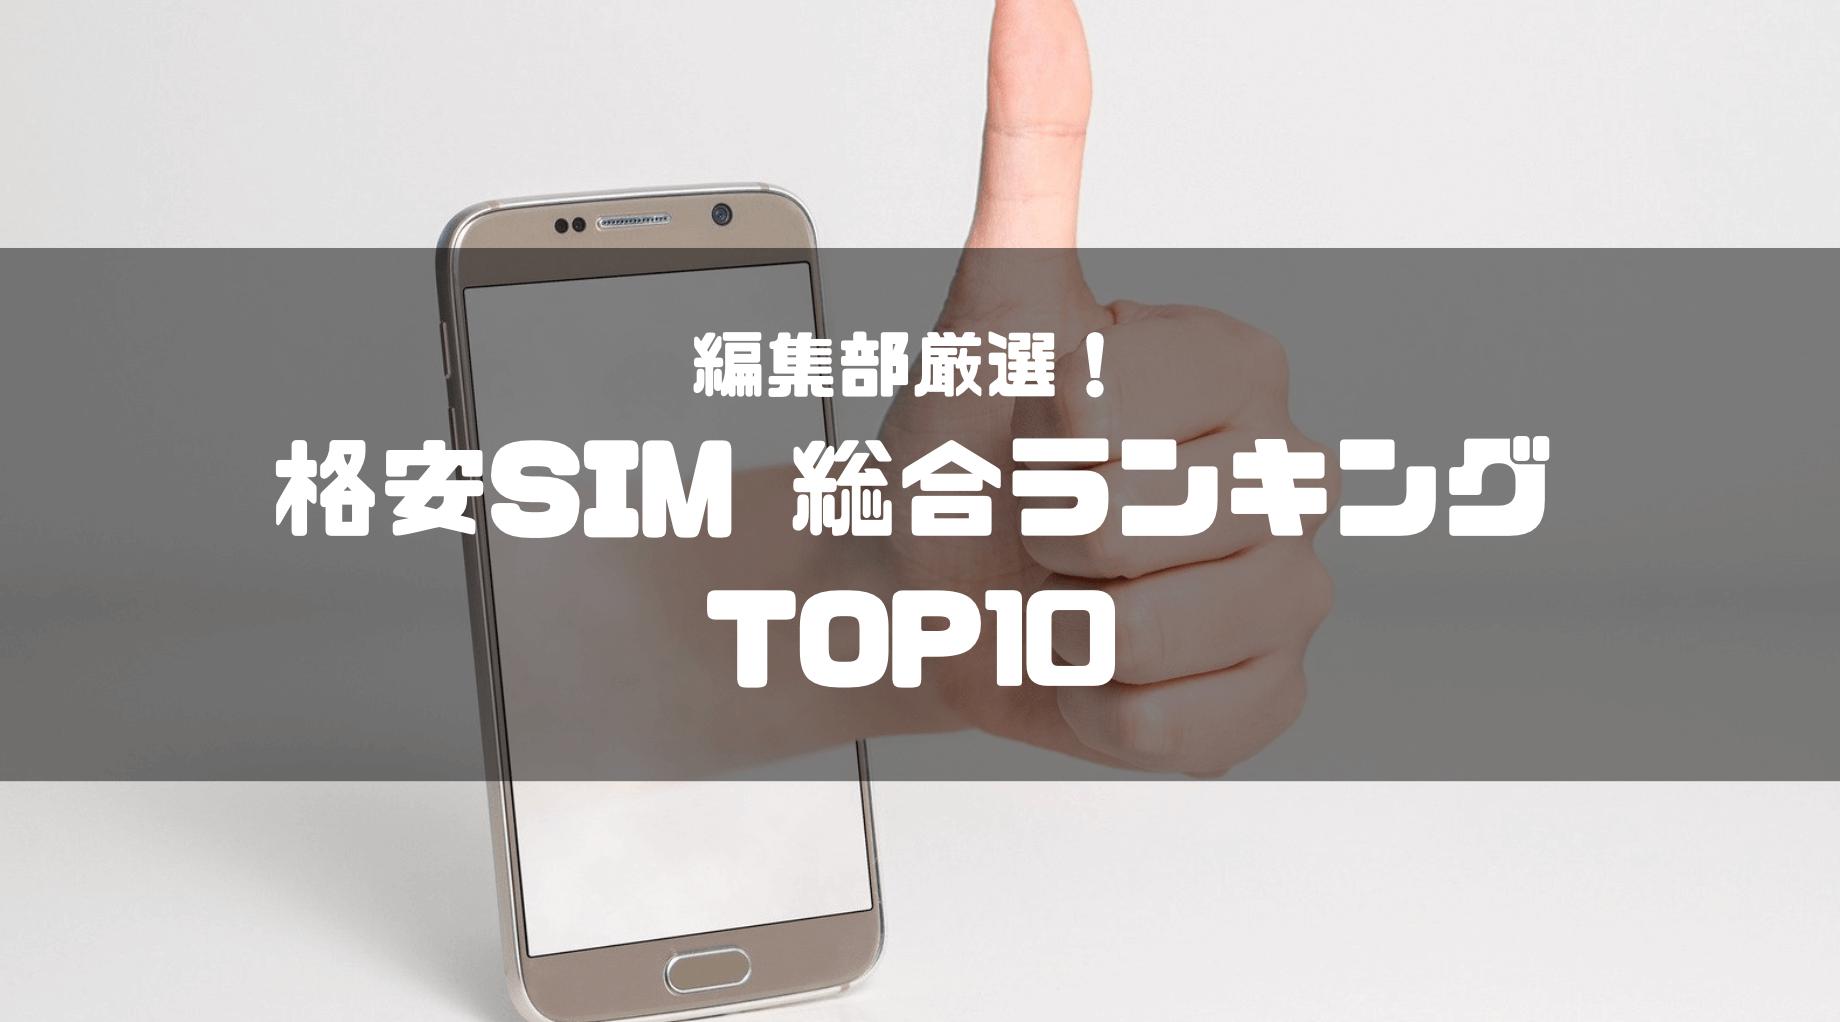 格安SIM_おすすめ_総合ランキング_TOP10